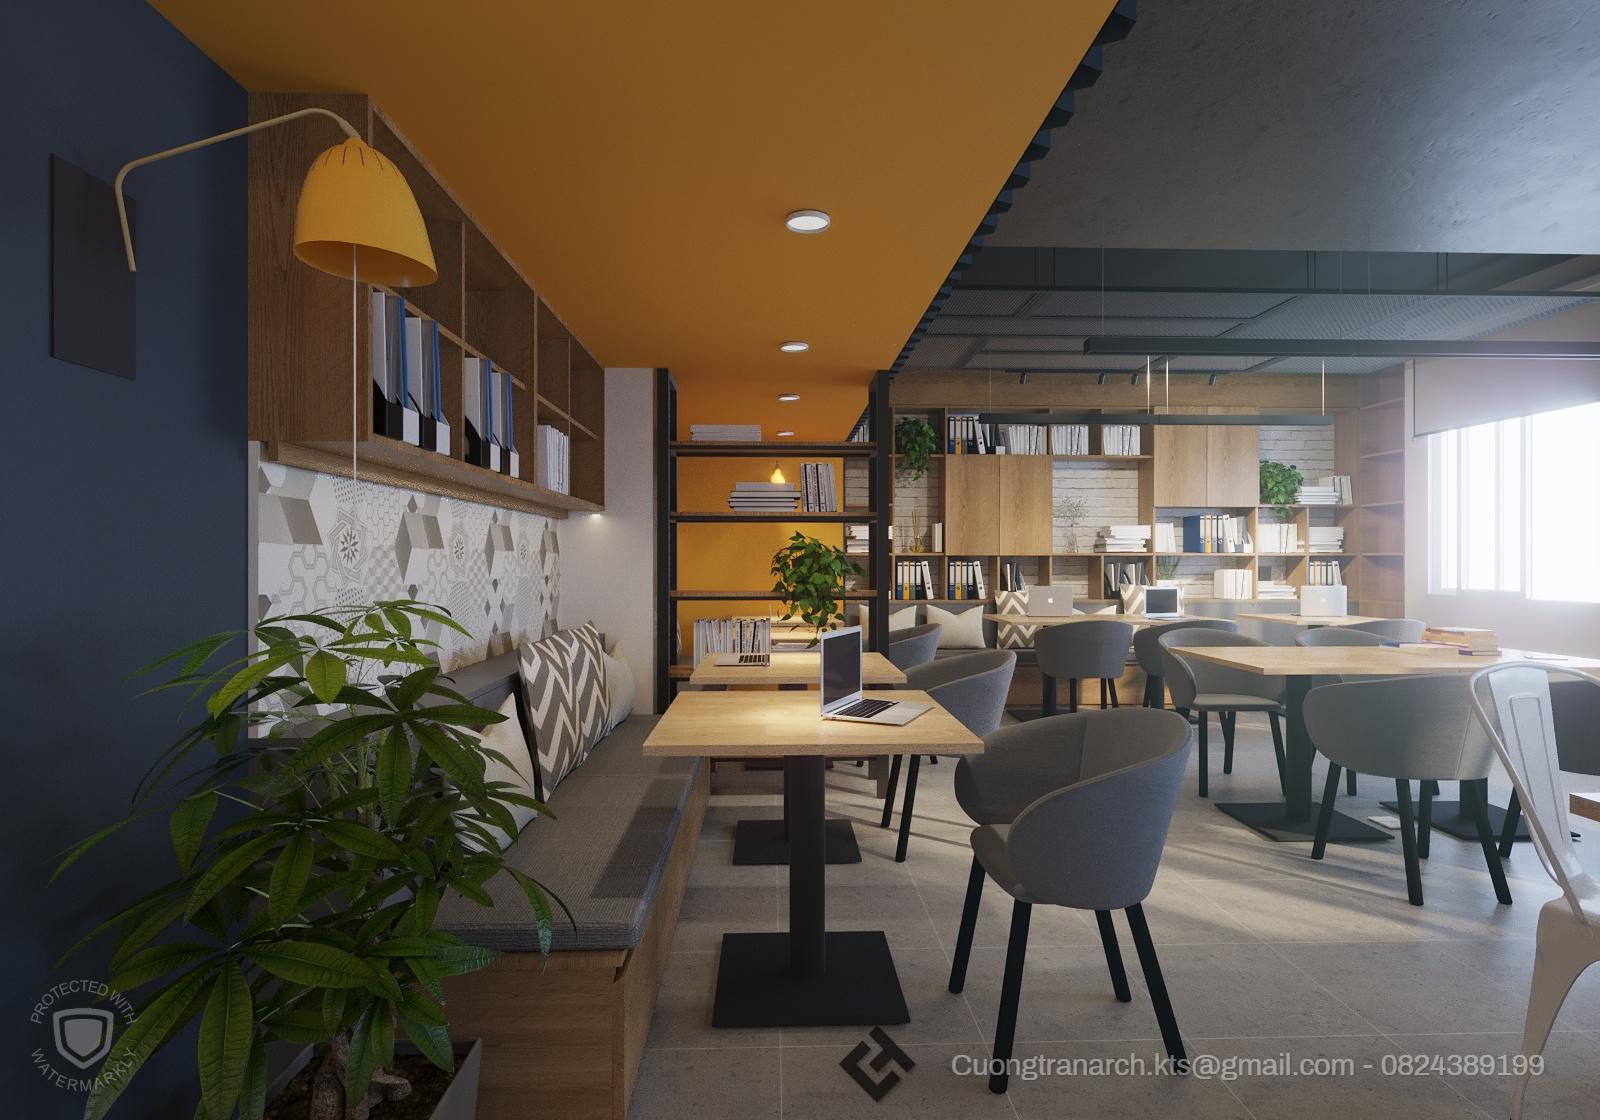 thiết kế nội thất Văn Phòng tại Hồ Chí Minh VĂN PHÒNG LÀM VIỆC CÔNG TY VIET TRAVEL - VIET TRAVEL OFFICE 5 1562142889